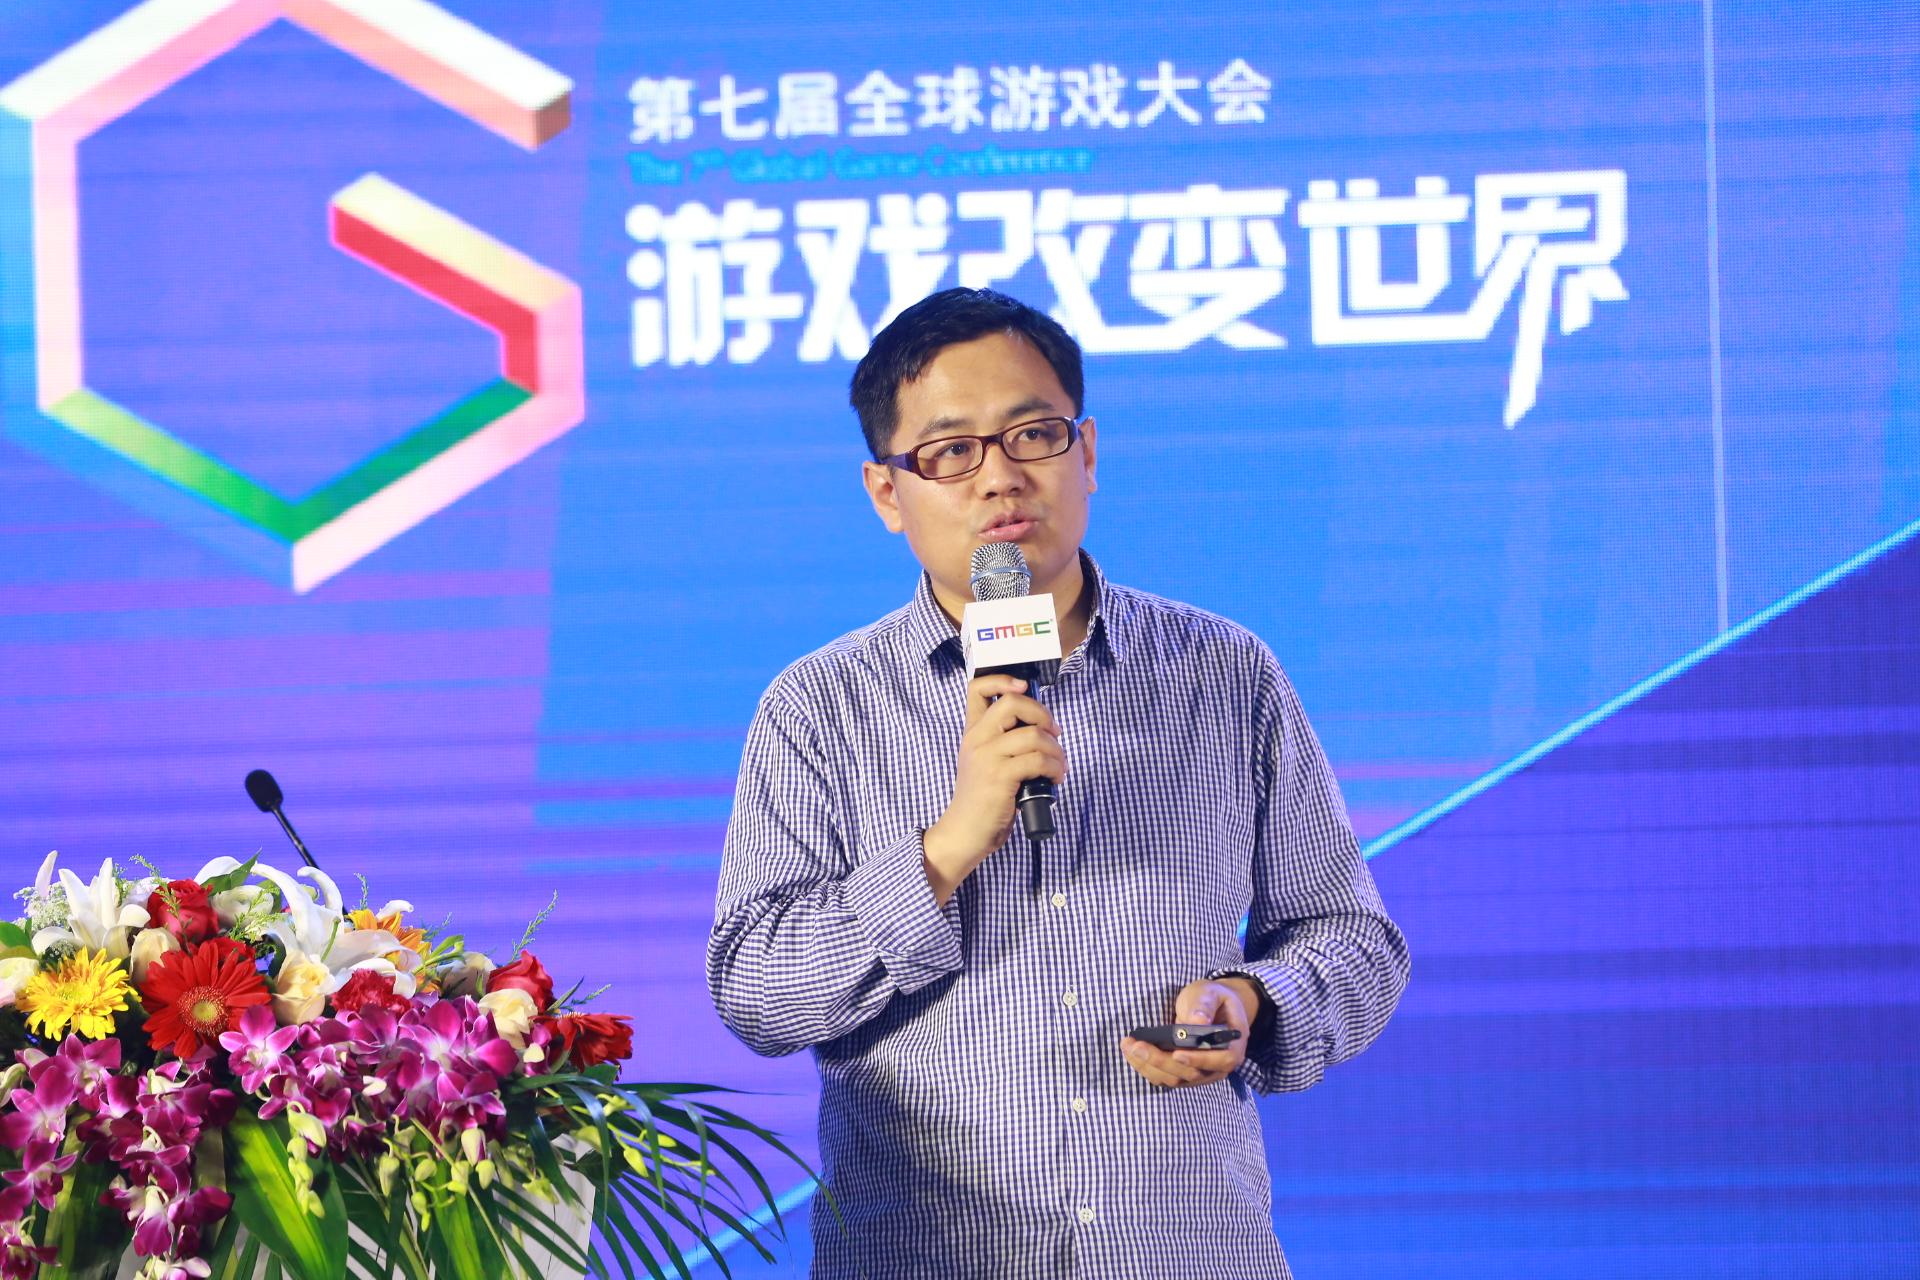 GMGC北京2018演讲|360商业产品事业部运营总监赵卓强:移动营销新风尚 360展示广告游戏行业解决方案